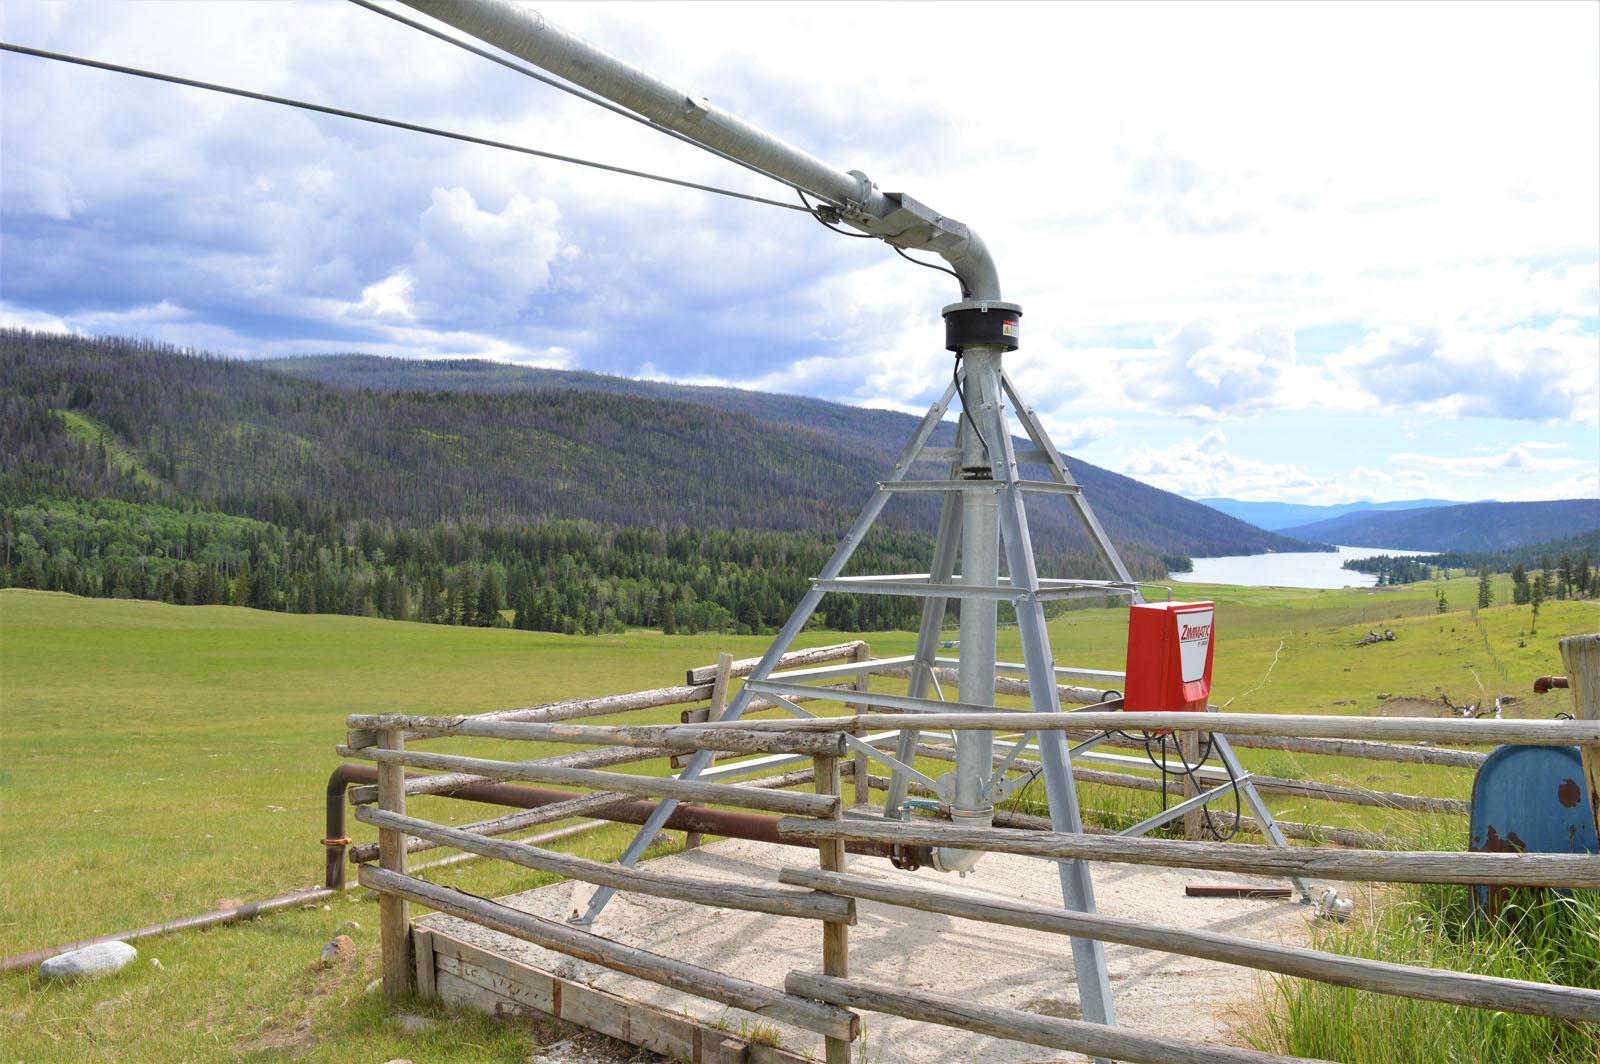 Loon lake ranch 41